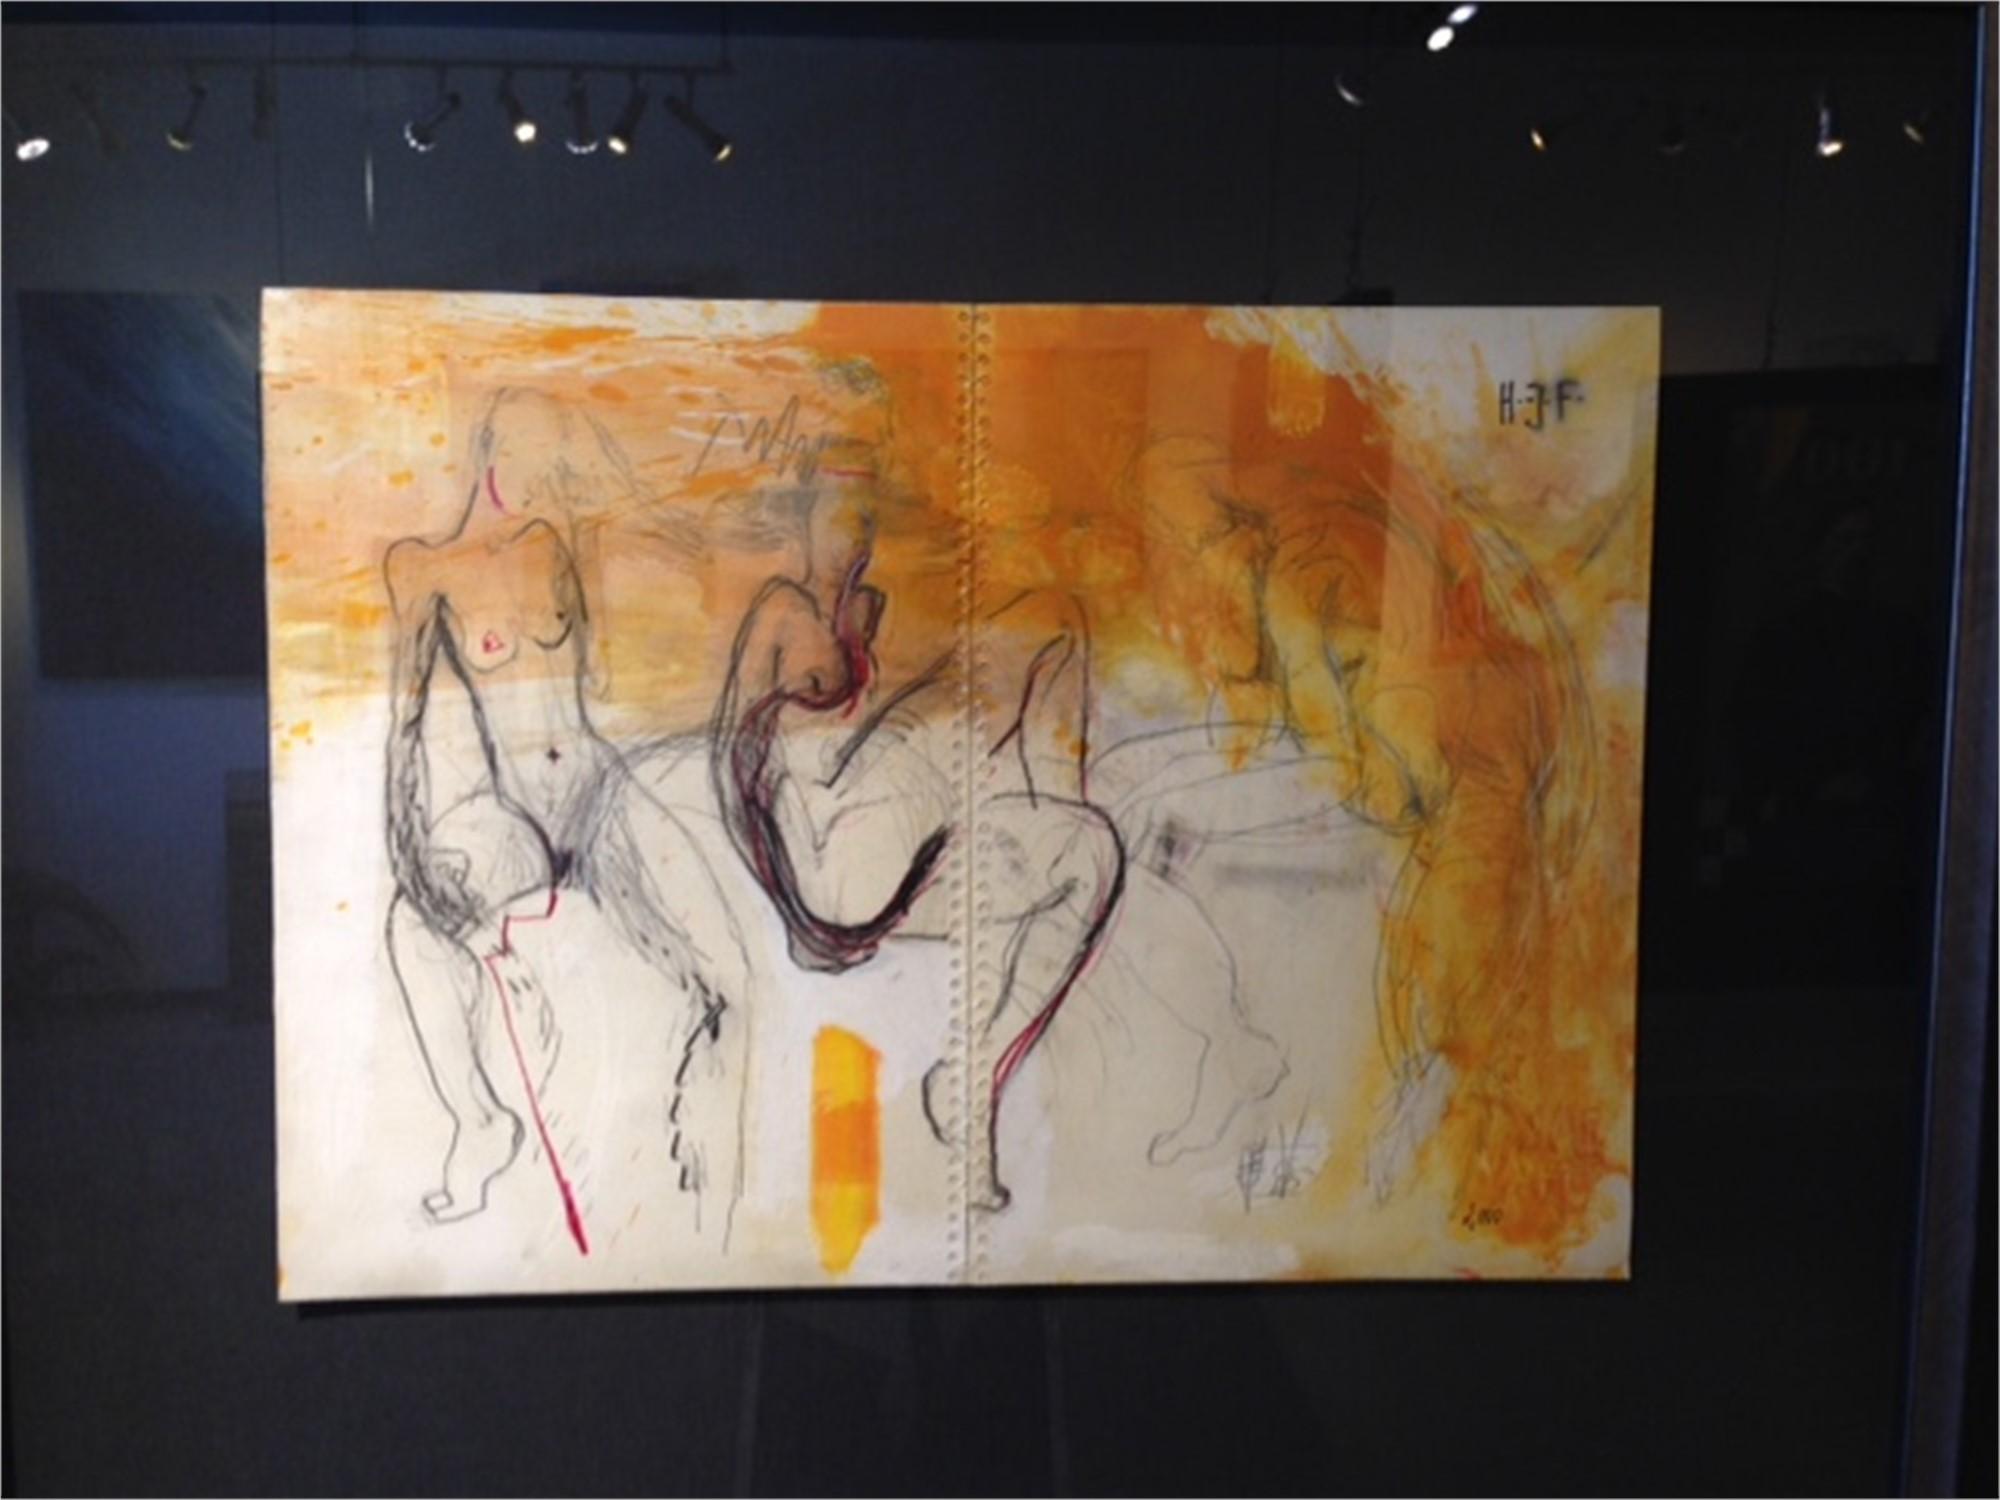 Akt auf Jutte 2 by Hans Joerg Fuerpass